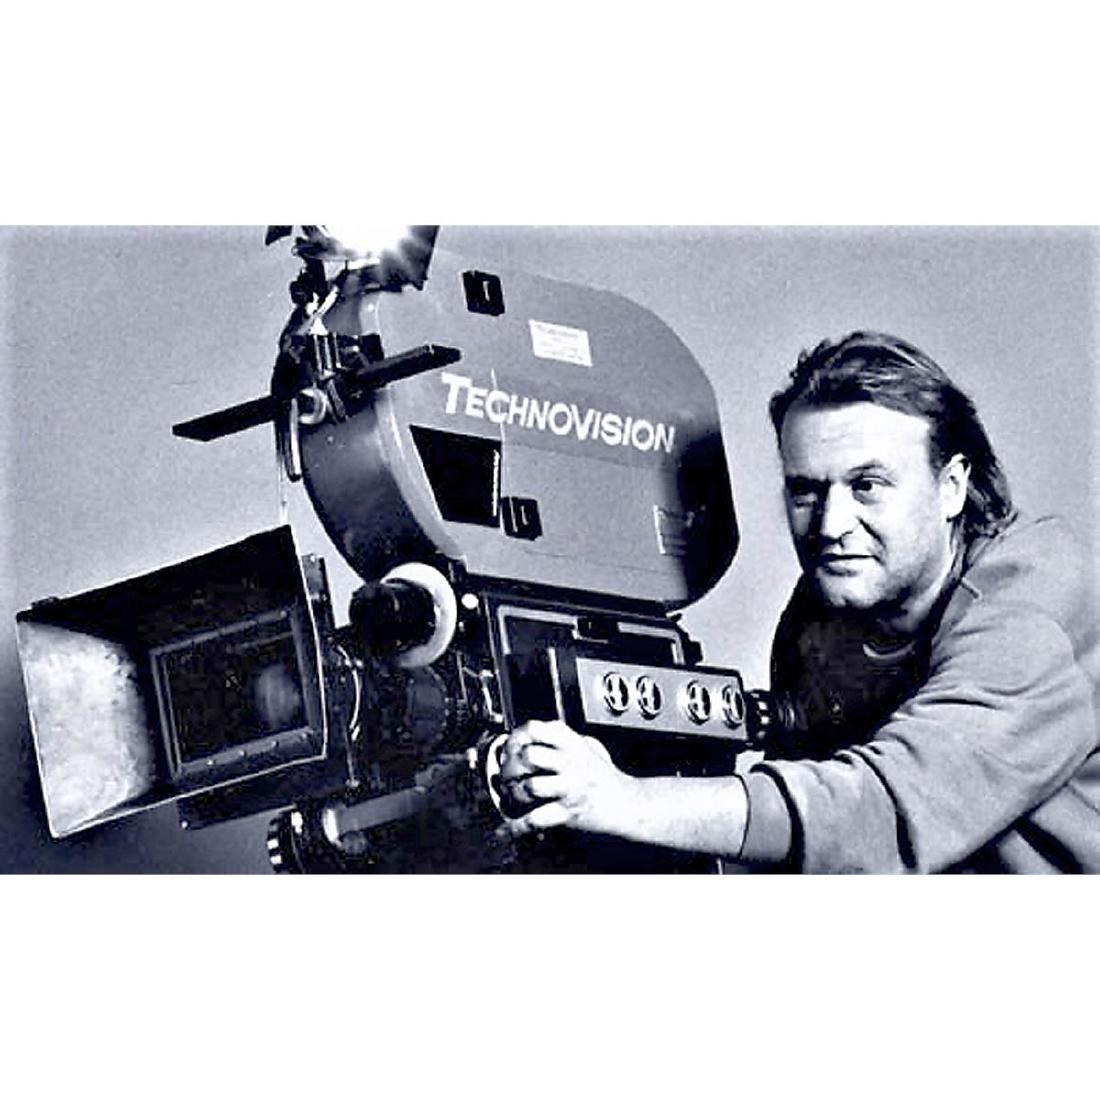 Mitchell/Technovision, c. 1970 - 4